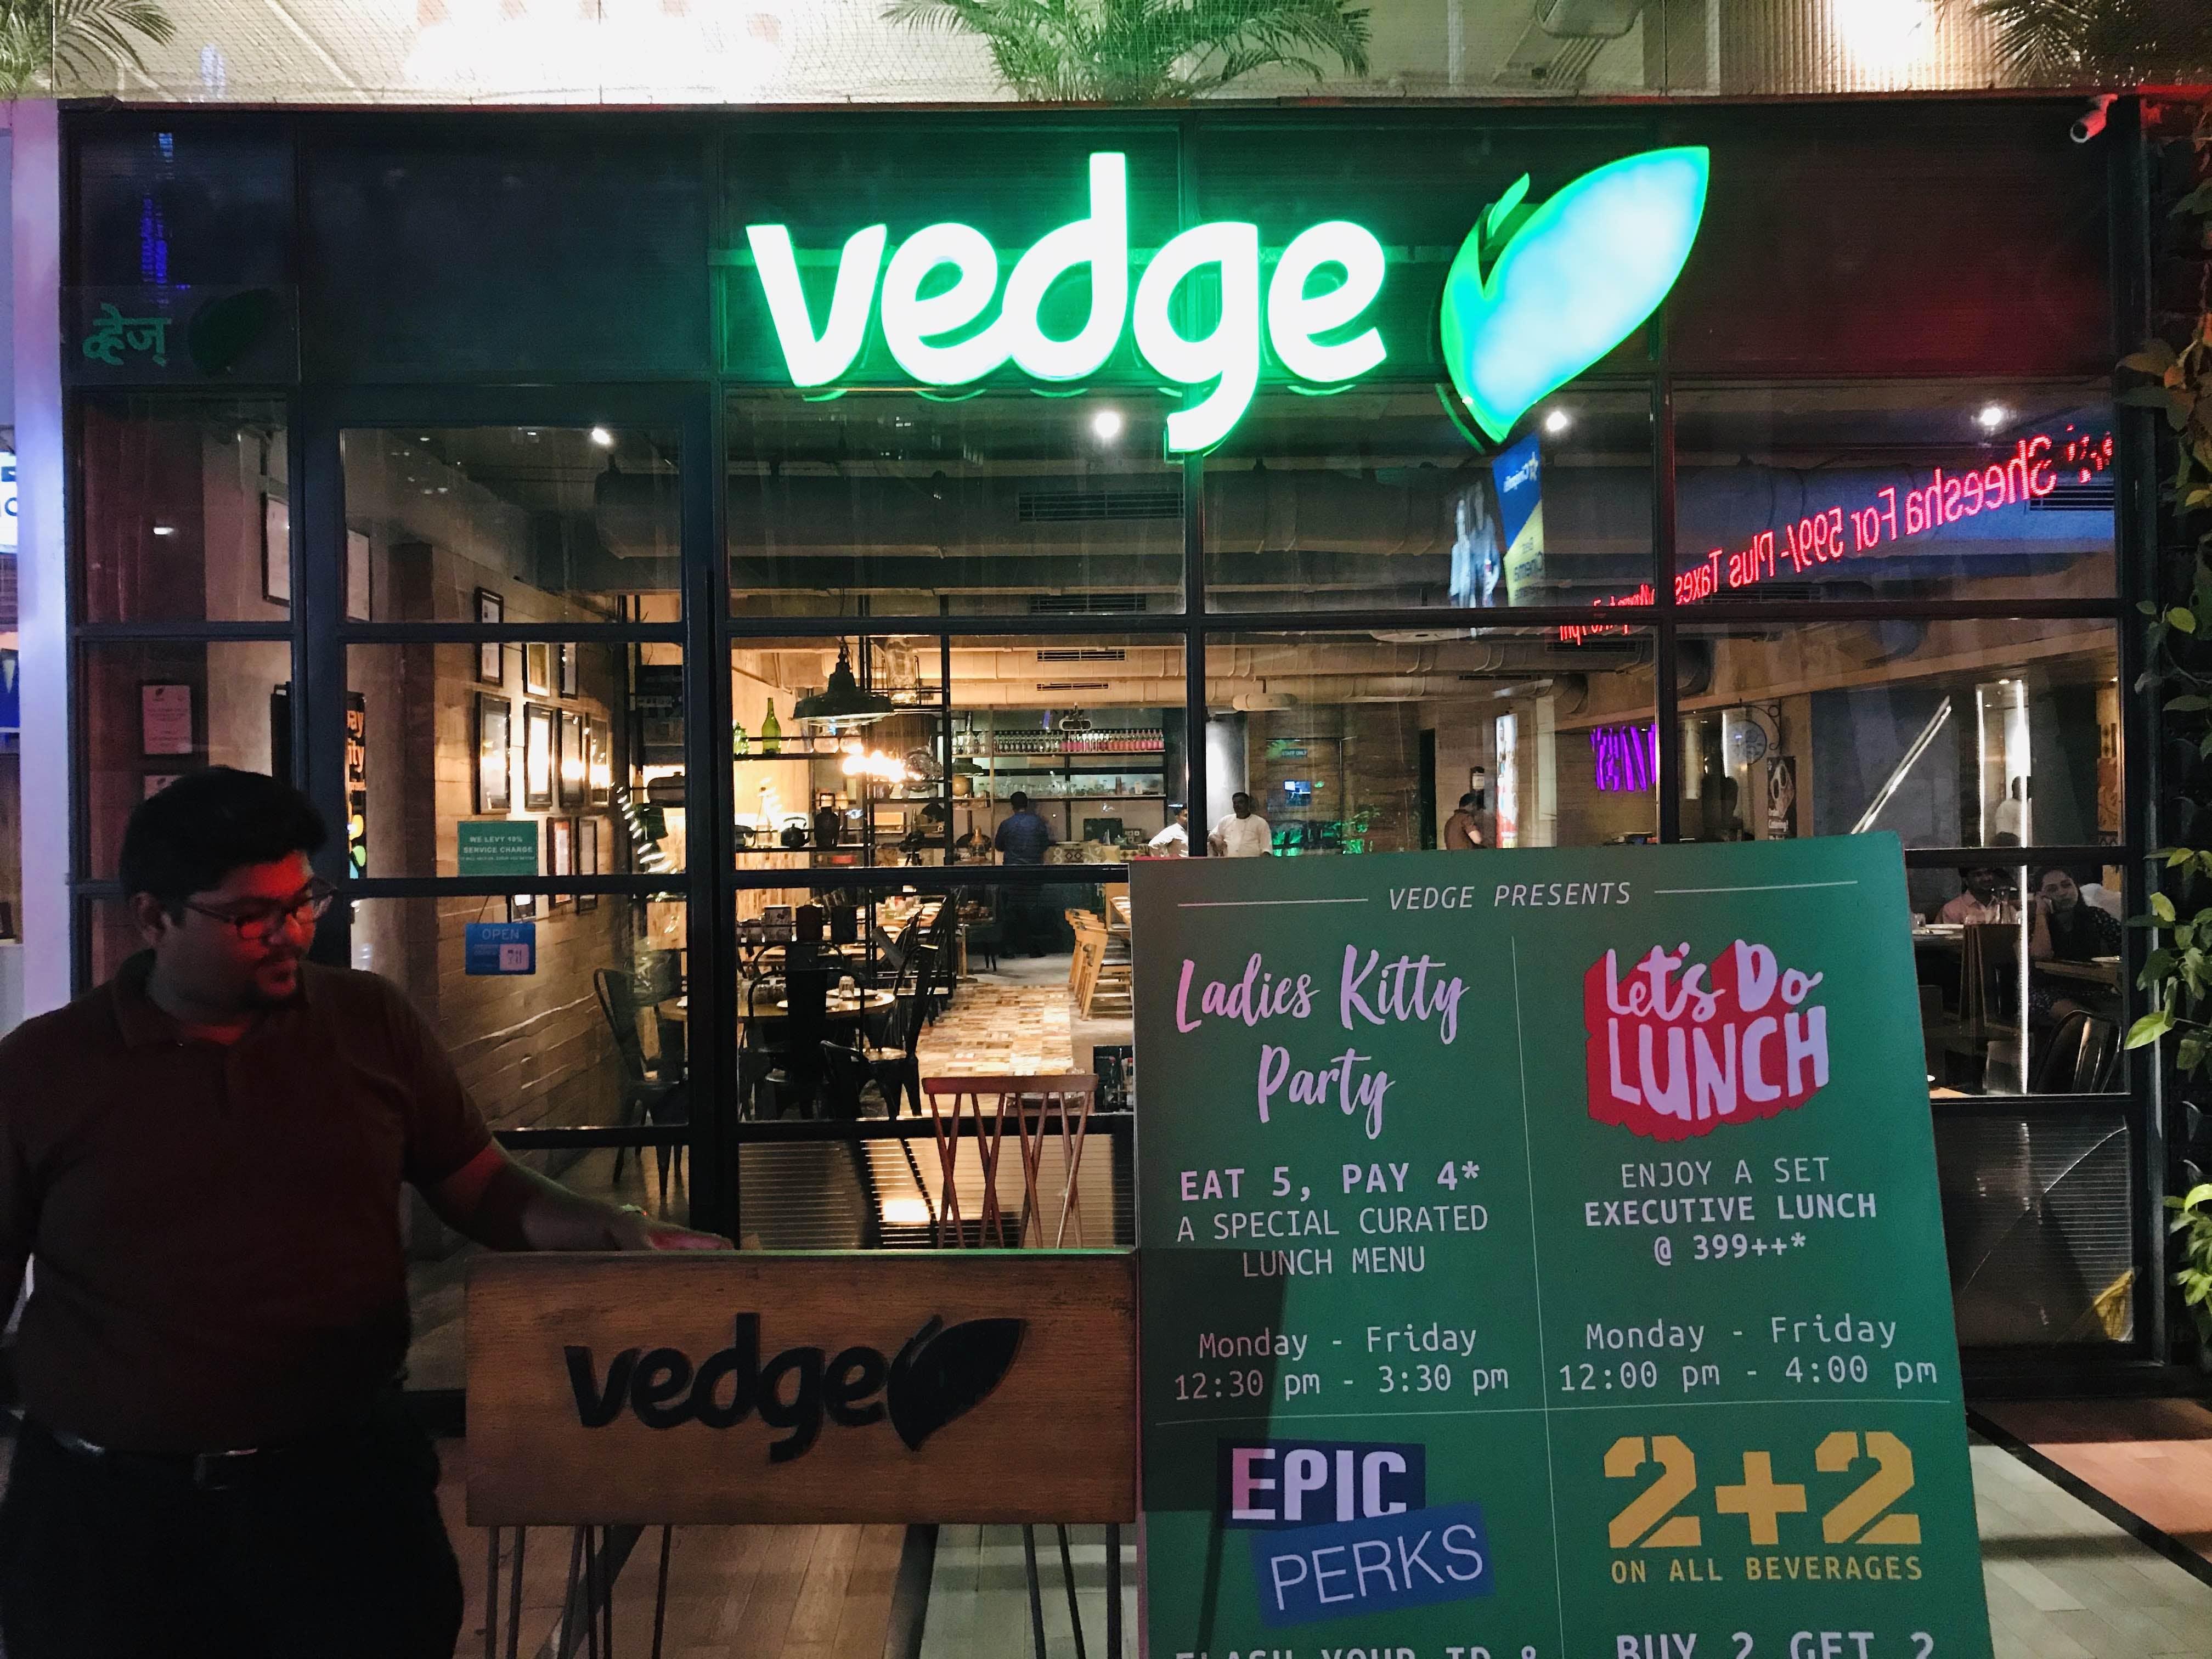 image - Vedge